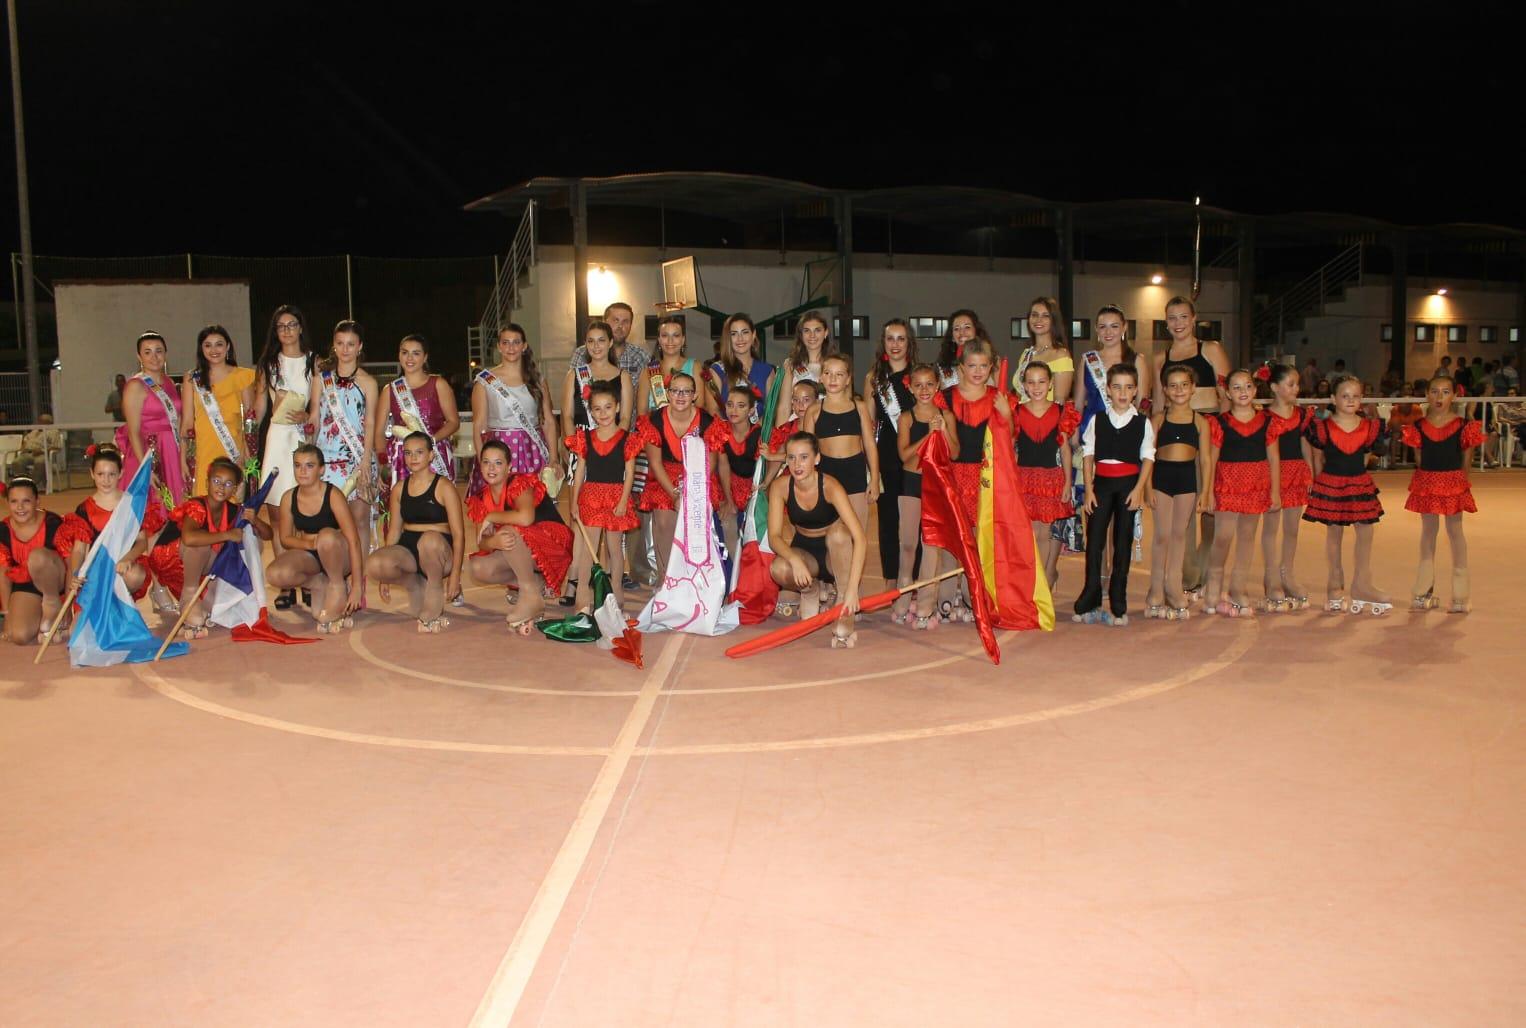 Patinadors i patinadores van fer les delícies del públic assistent amb una mostra dels seus exercicis amb els quals es va fer una recreació de la cultura de diferents països d'arreu del món.